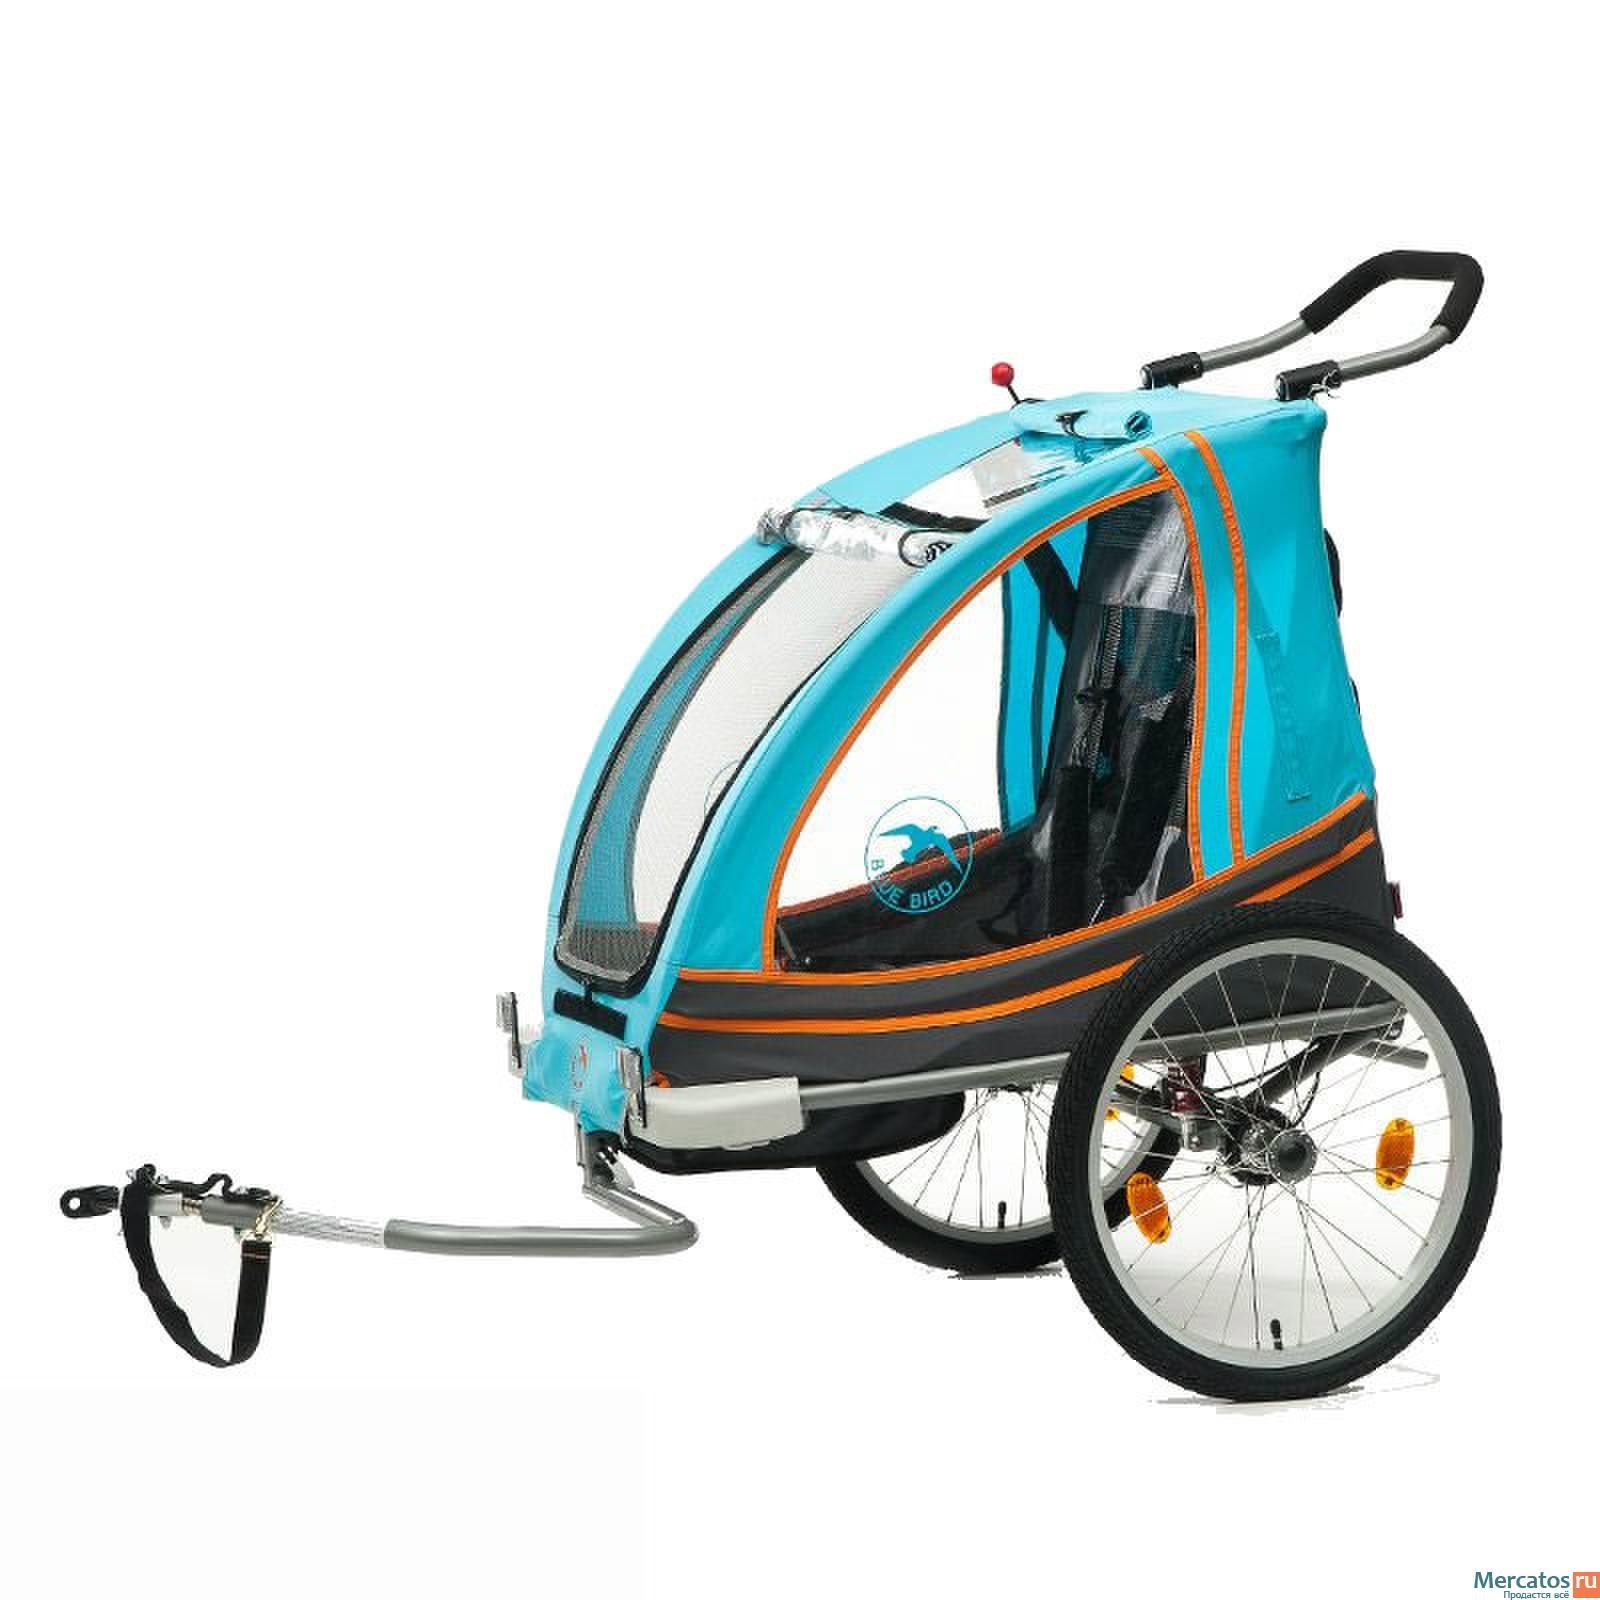 прицеп к велосипеду для перевозки детей своими руками